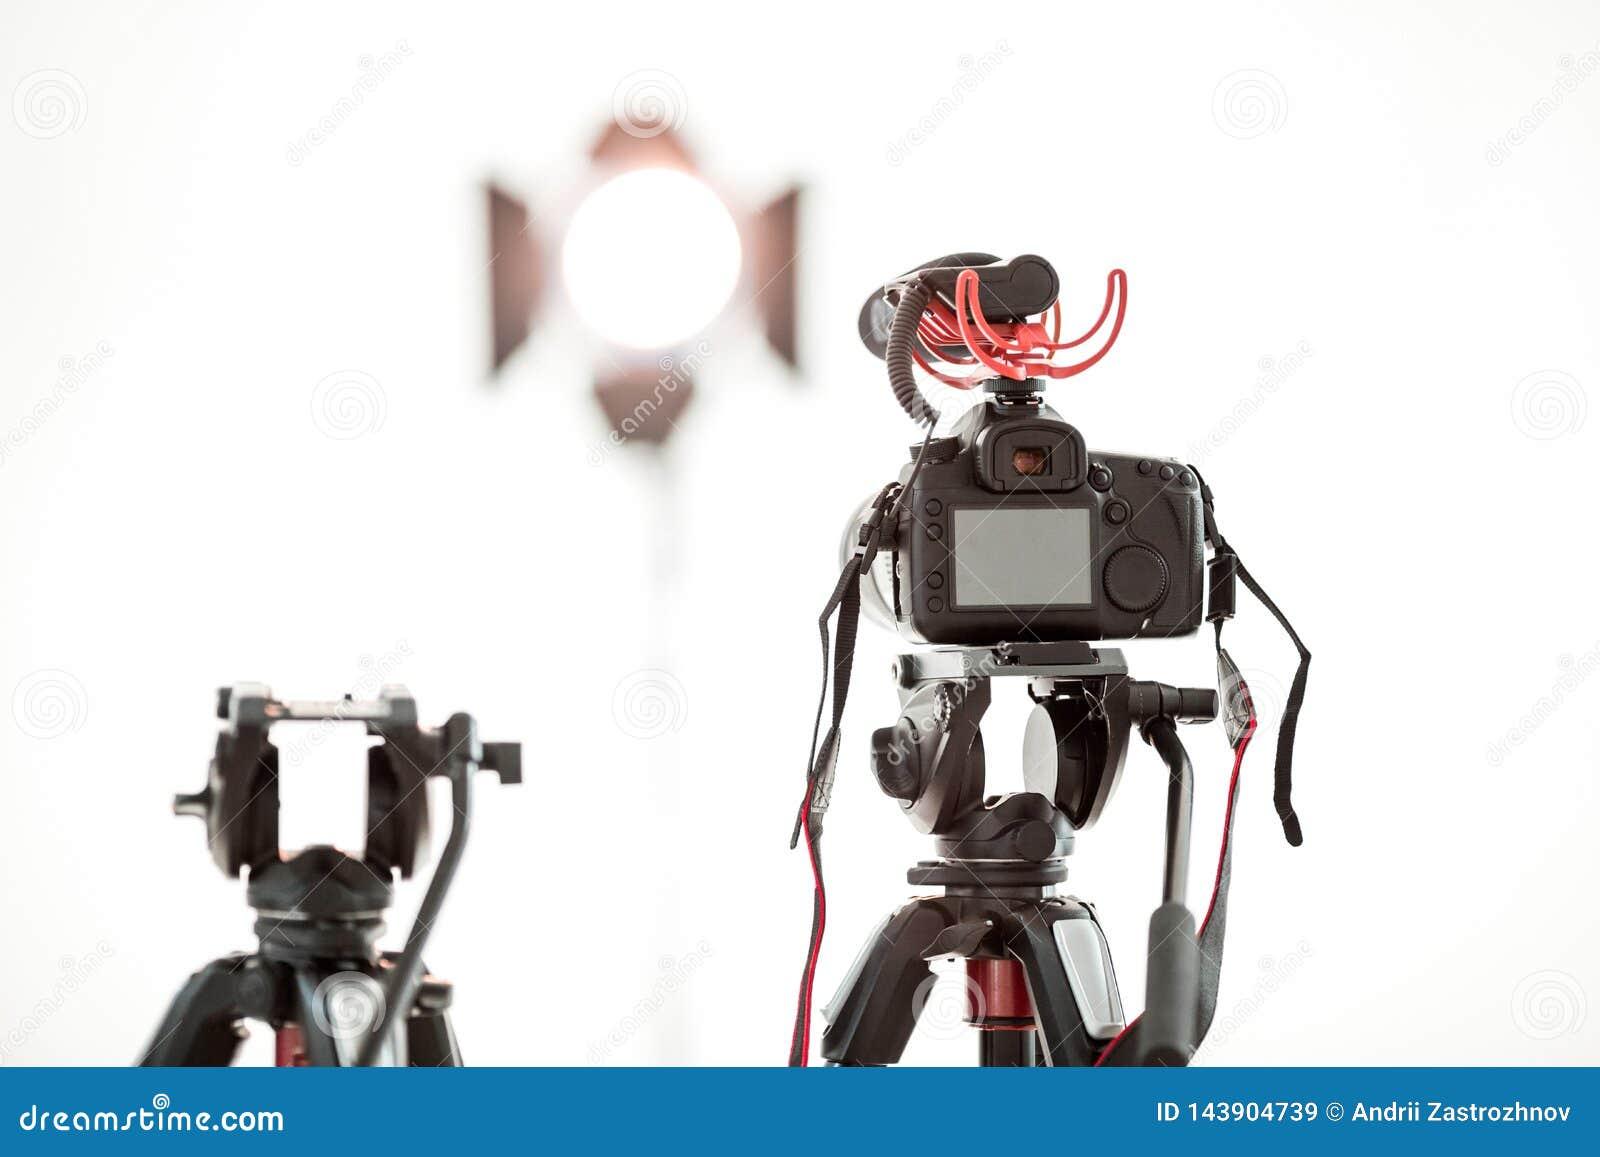 En digital videokamera med en mikrofon på en tripod på en vit bakgrund, en ljus strålkastare i bakgrunden